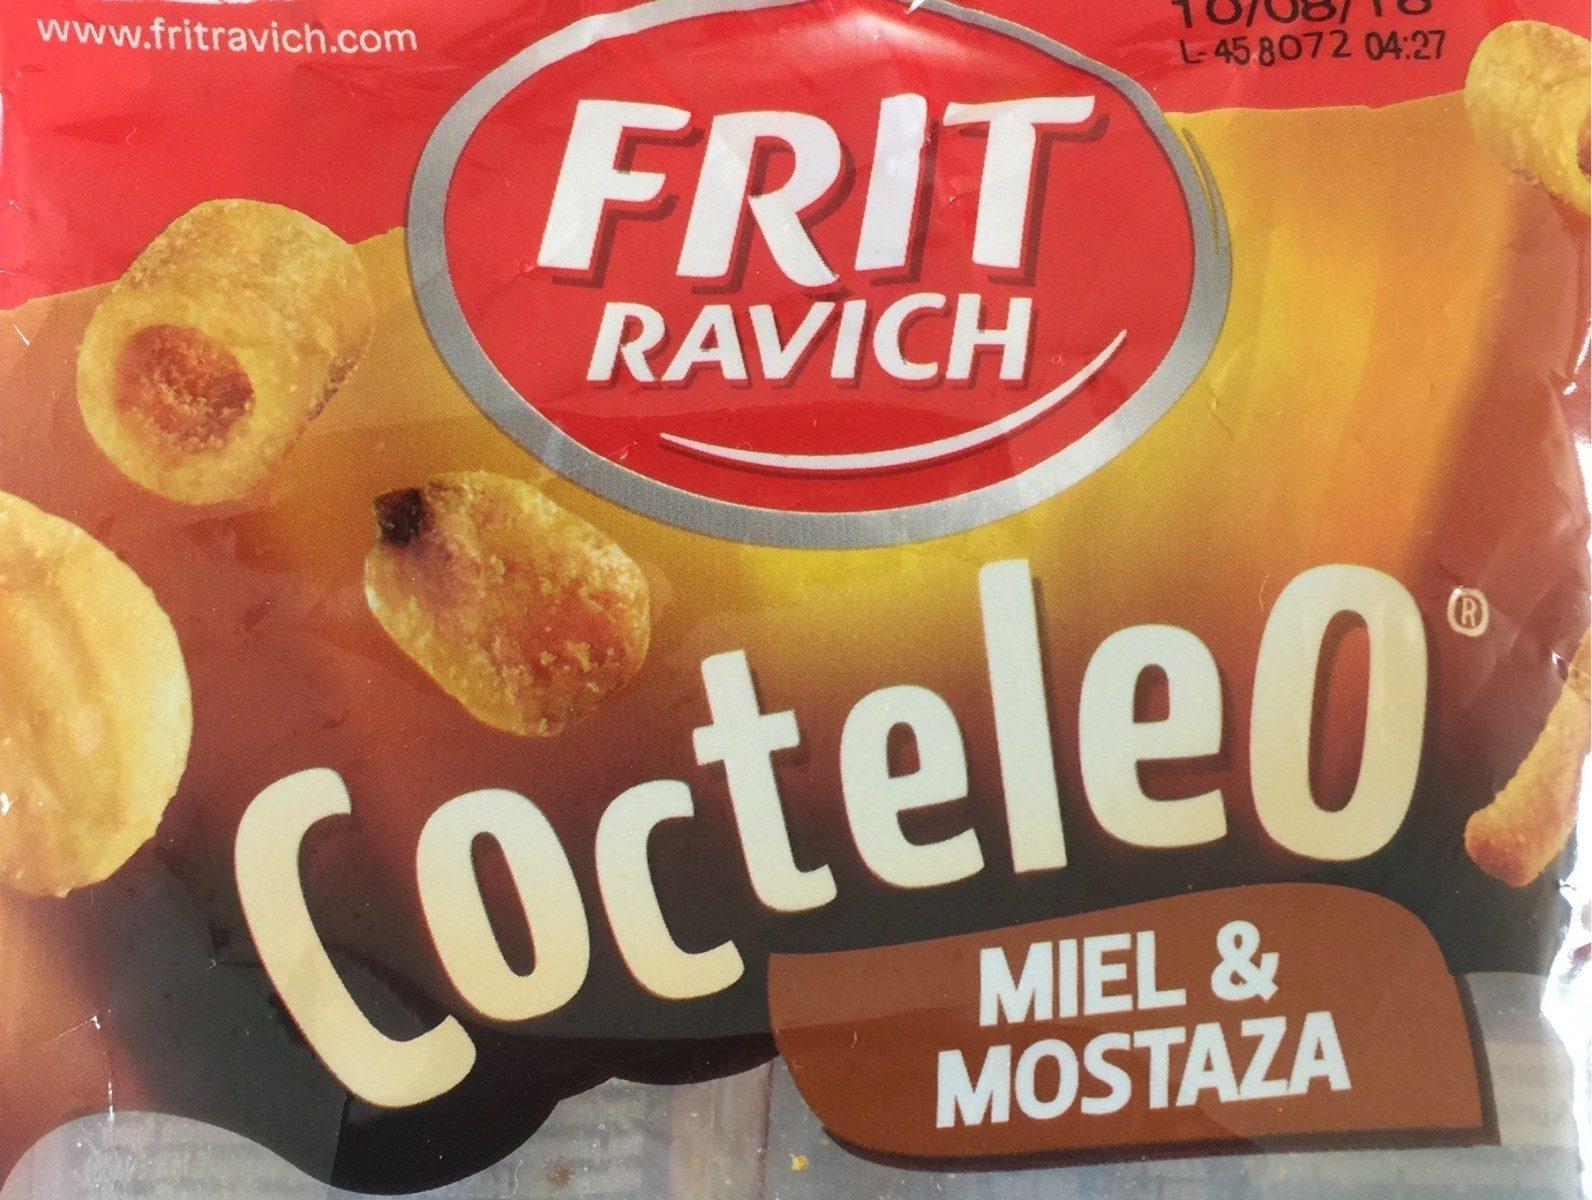 Cocteleo - Producto